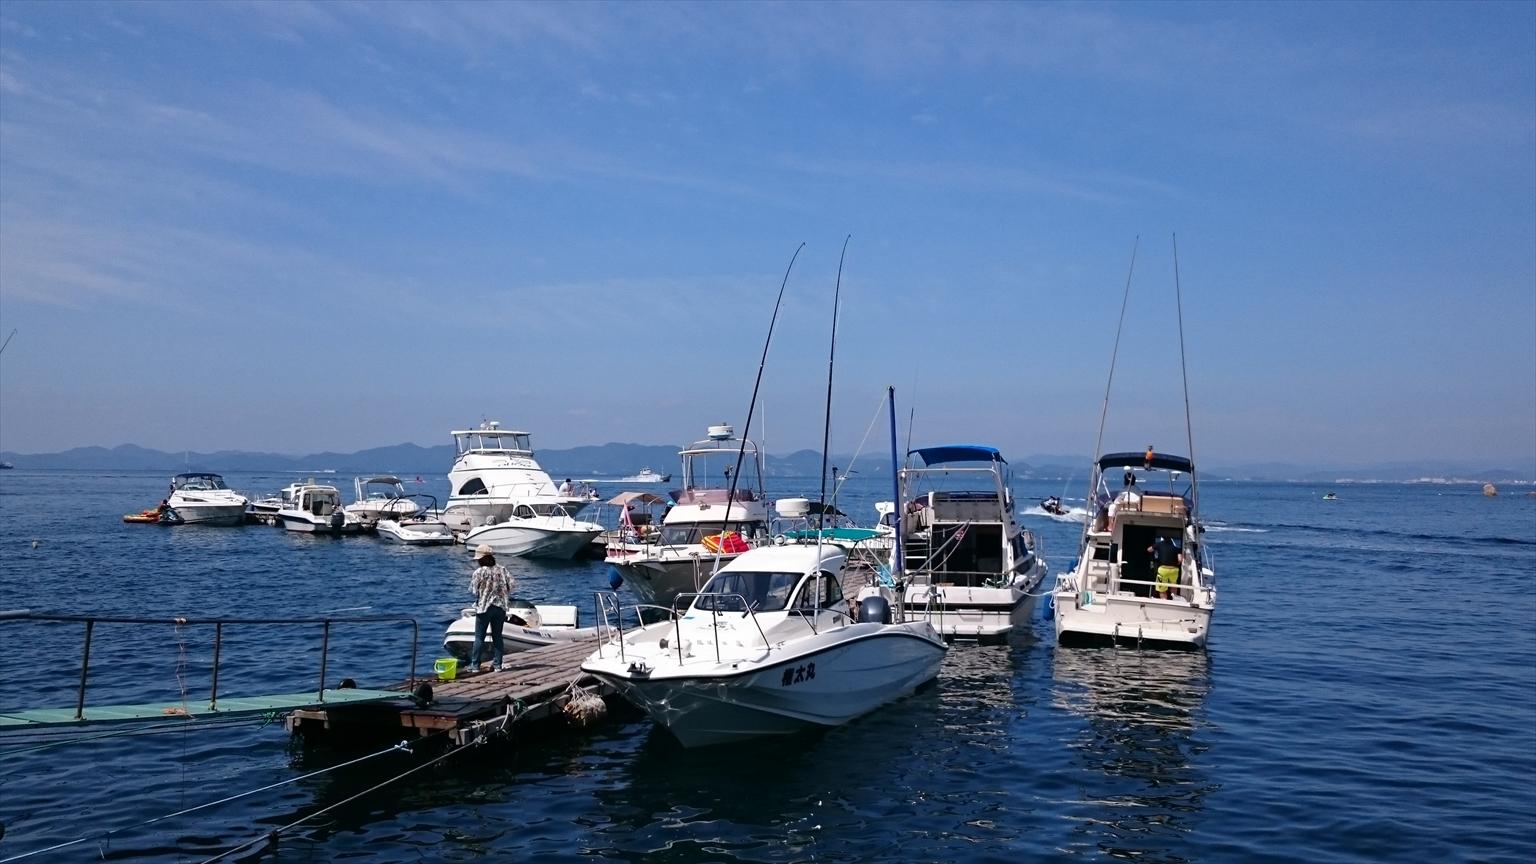 海の家の桟橋が大賑わいで、2艇横抱きしているところもちらほら(笑)